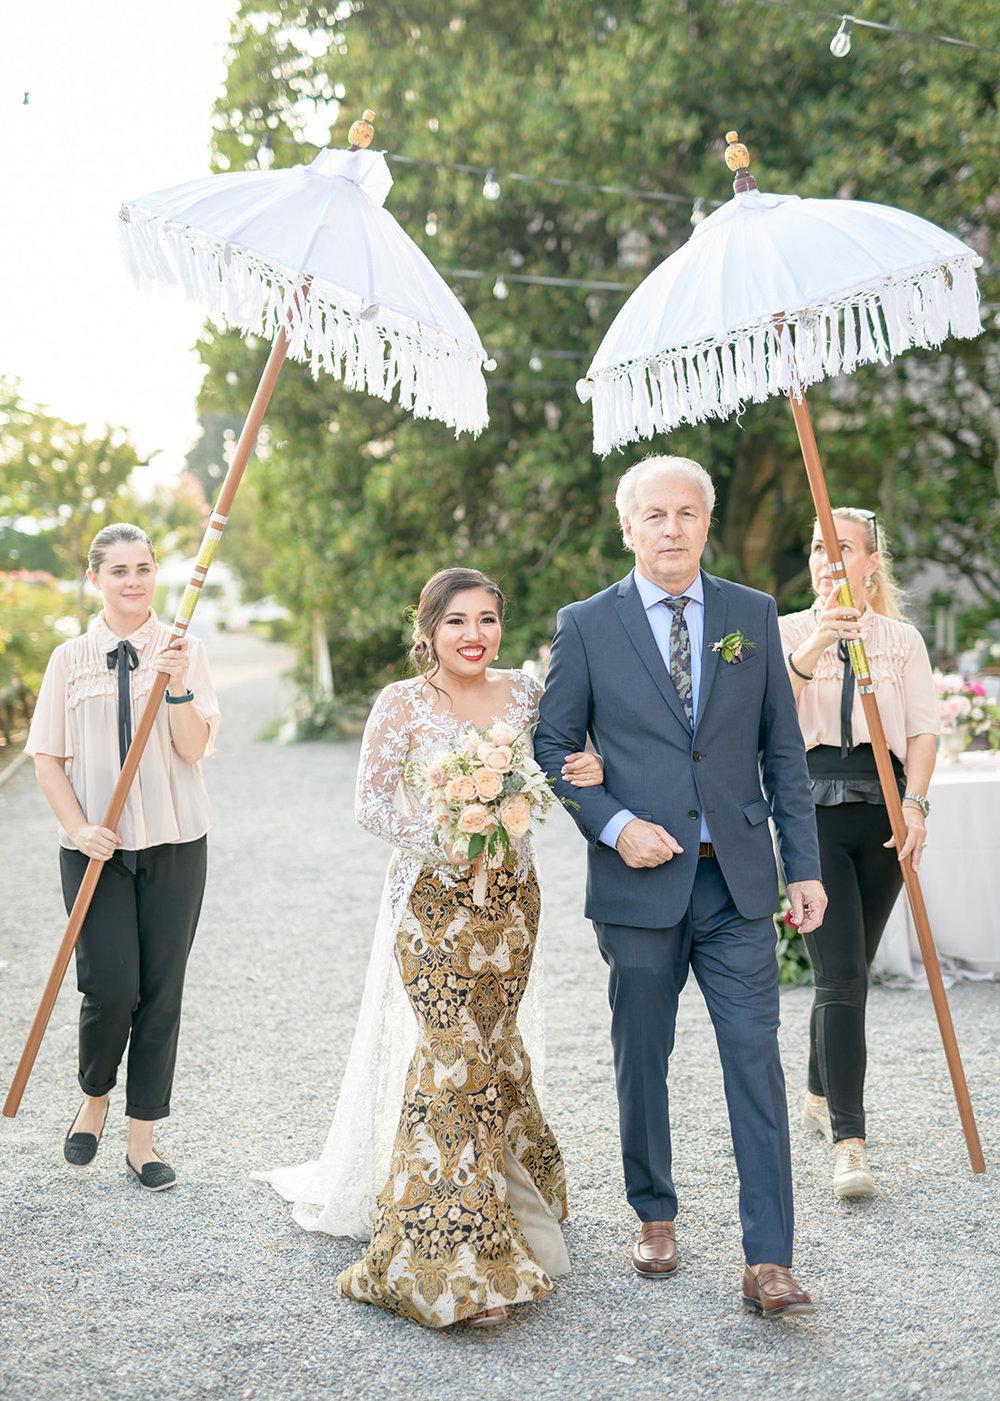 villa-pizzo-wedding-photographer-F&E-©bottega53-27.JPG